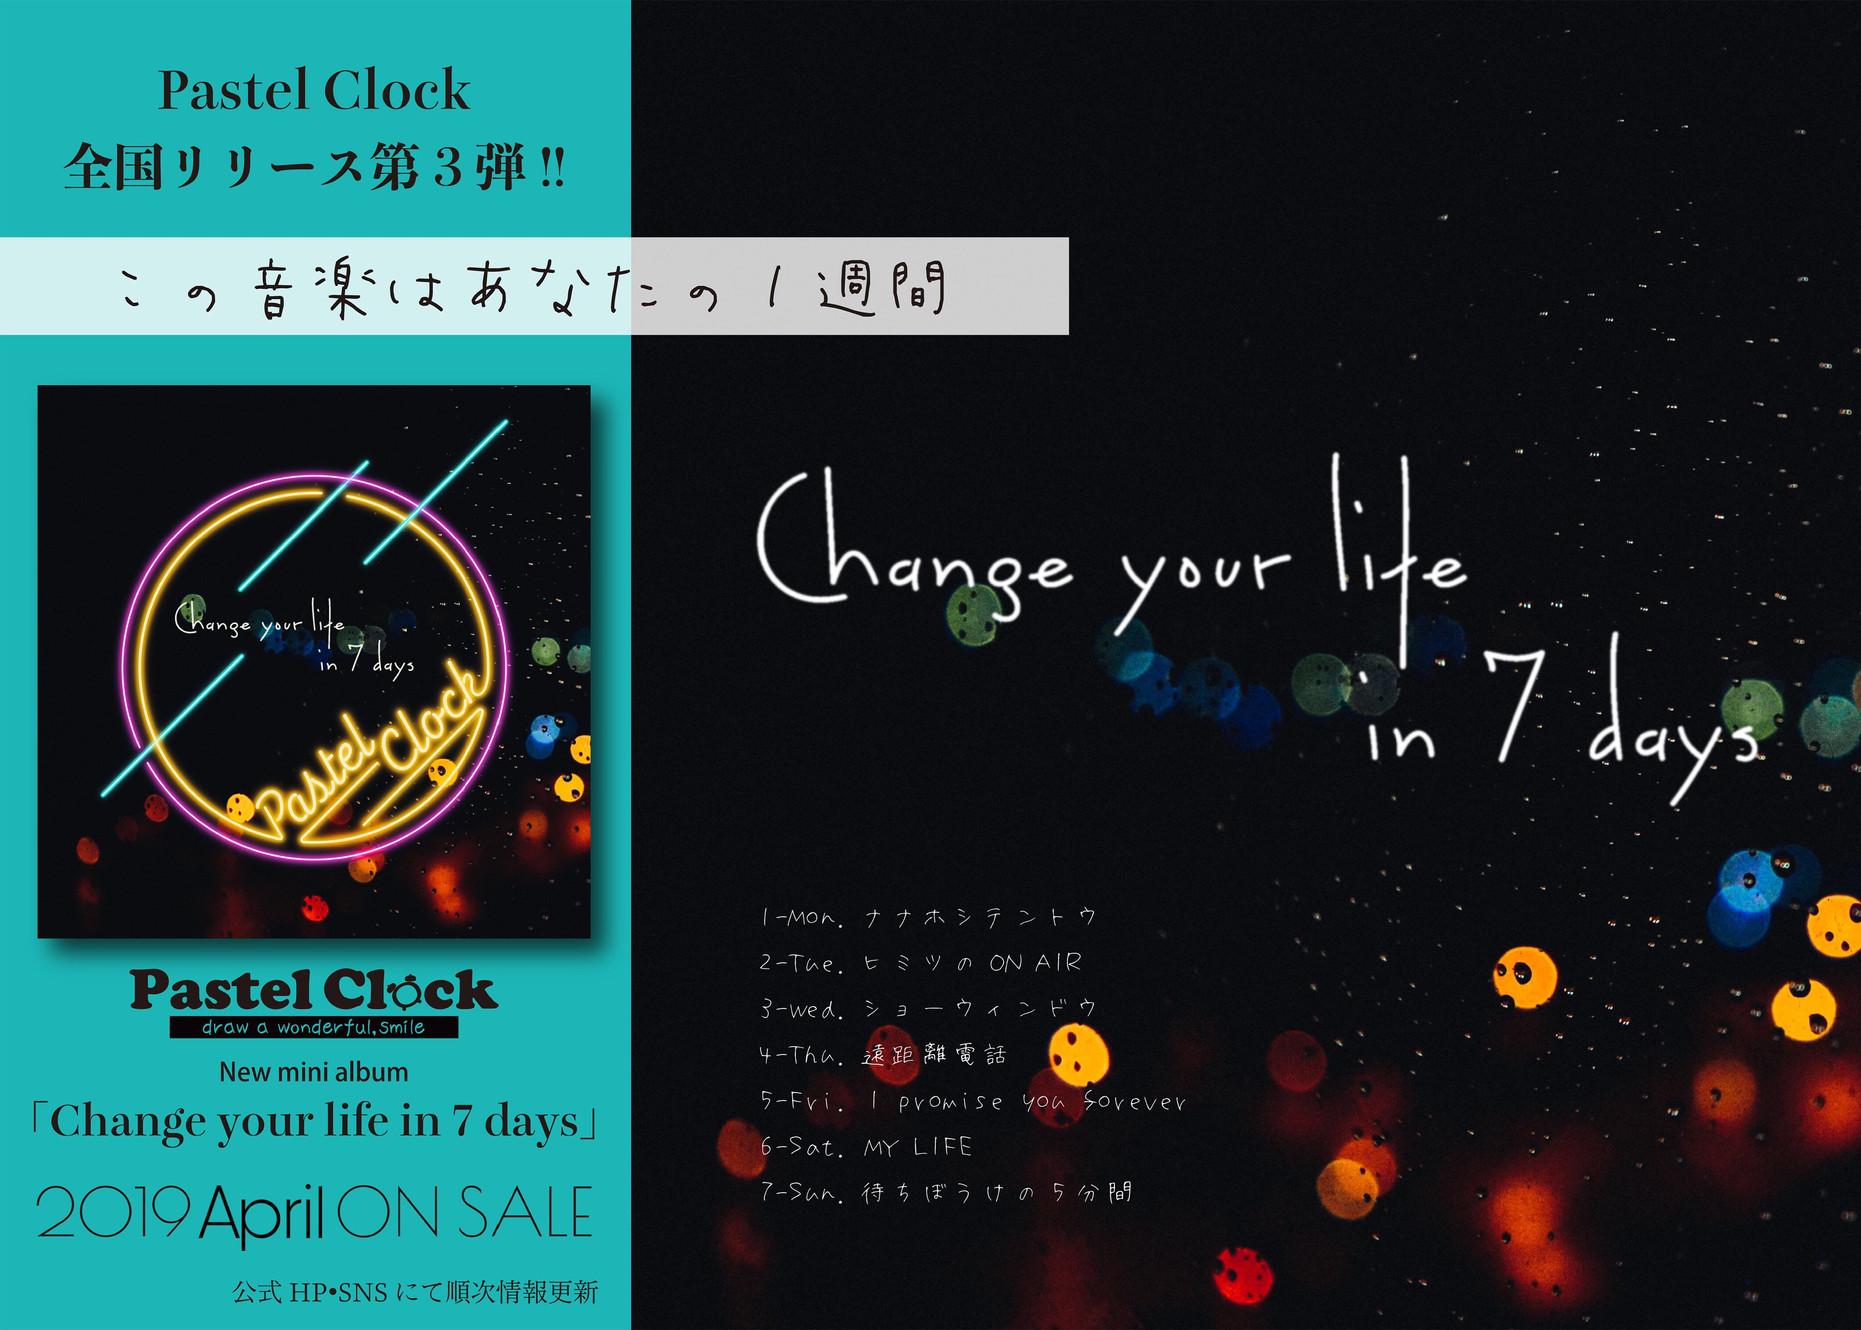 Pastel Clock Official Website | Schedule